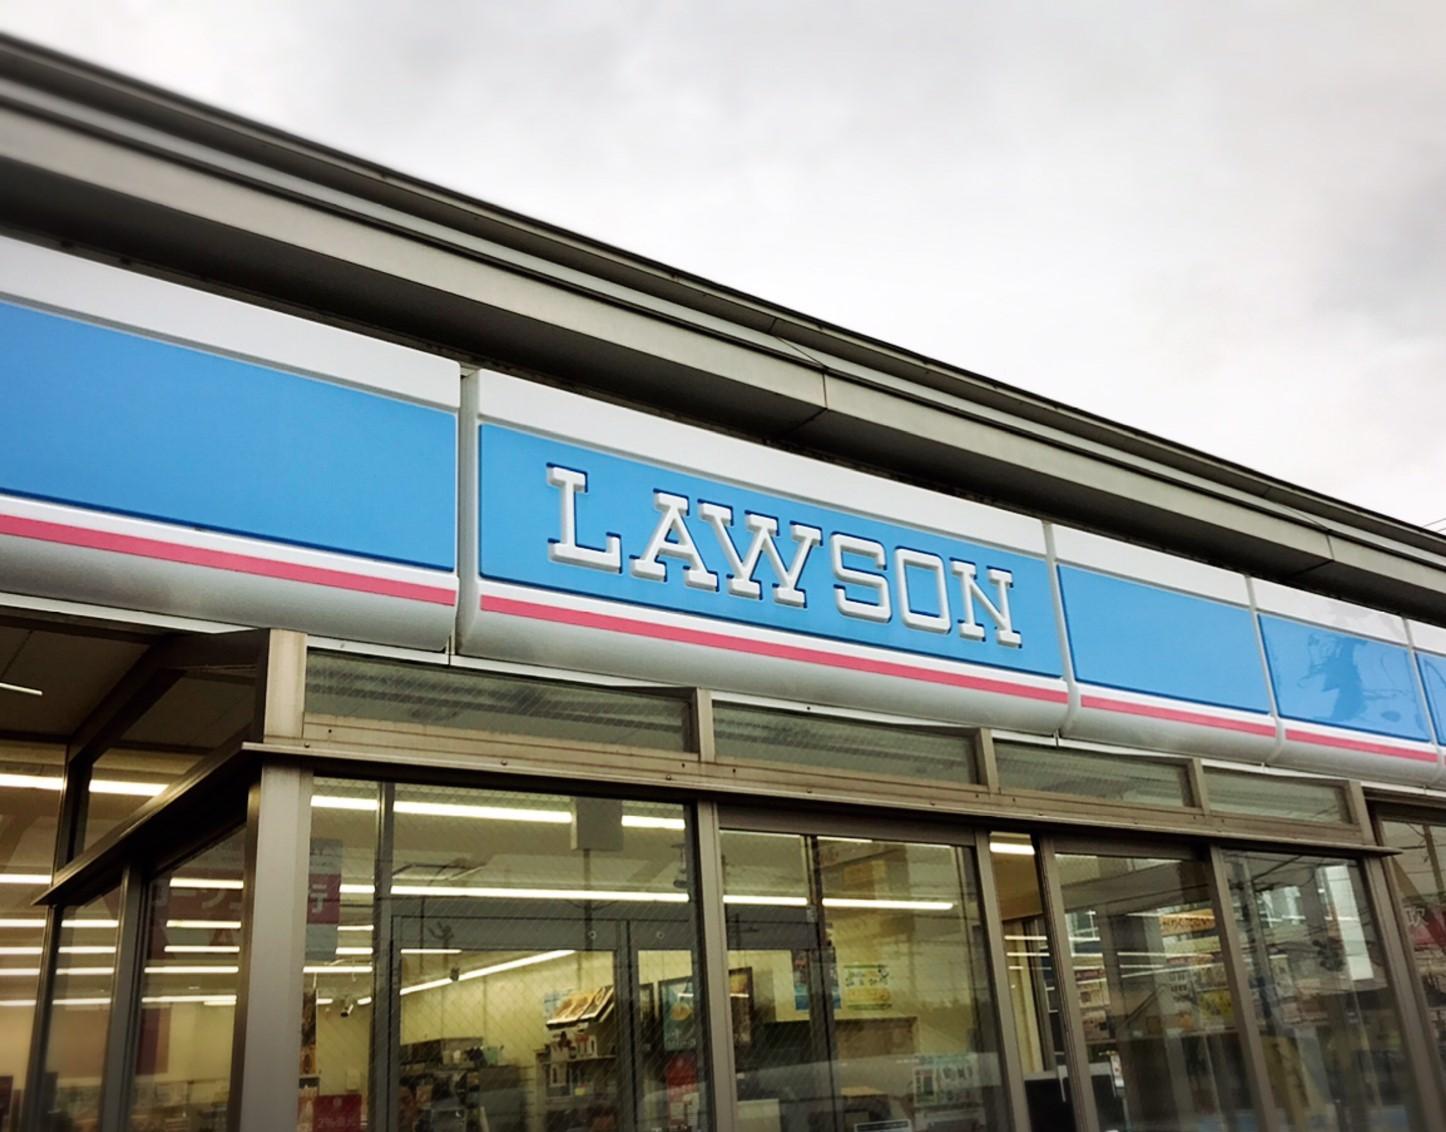 LAWSON/砂川市_c0378174_19150443.jpg